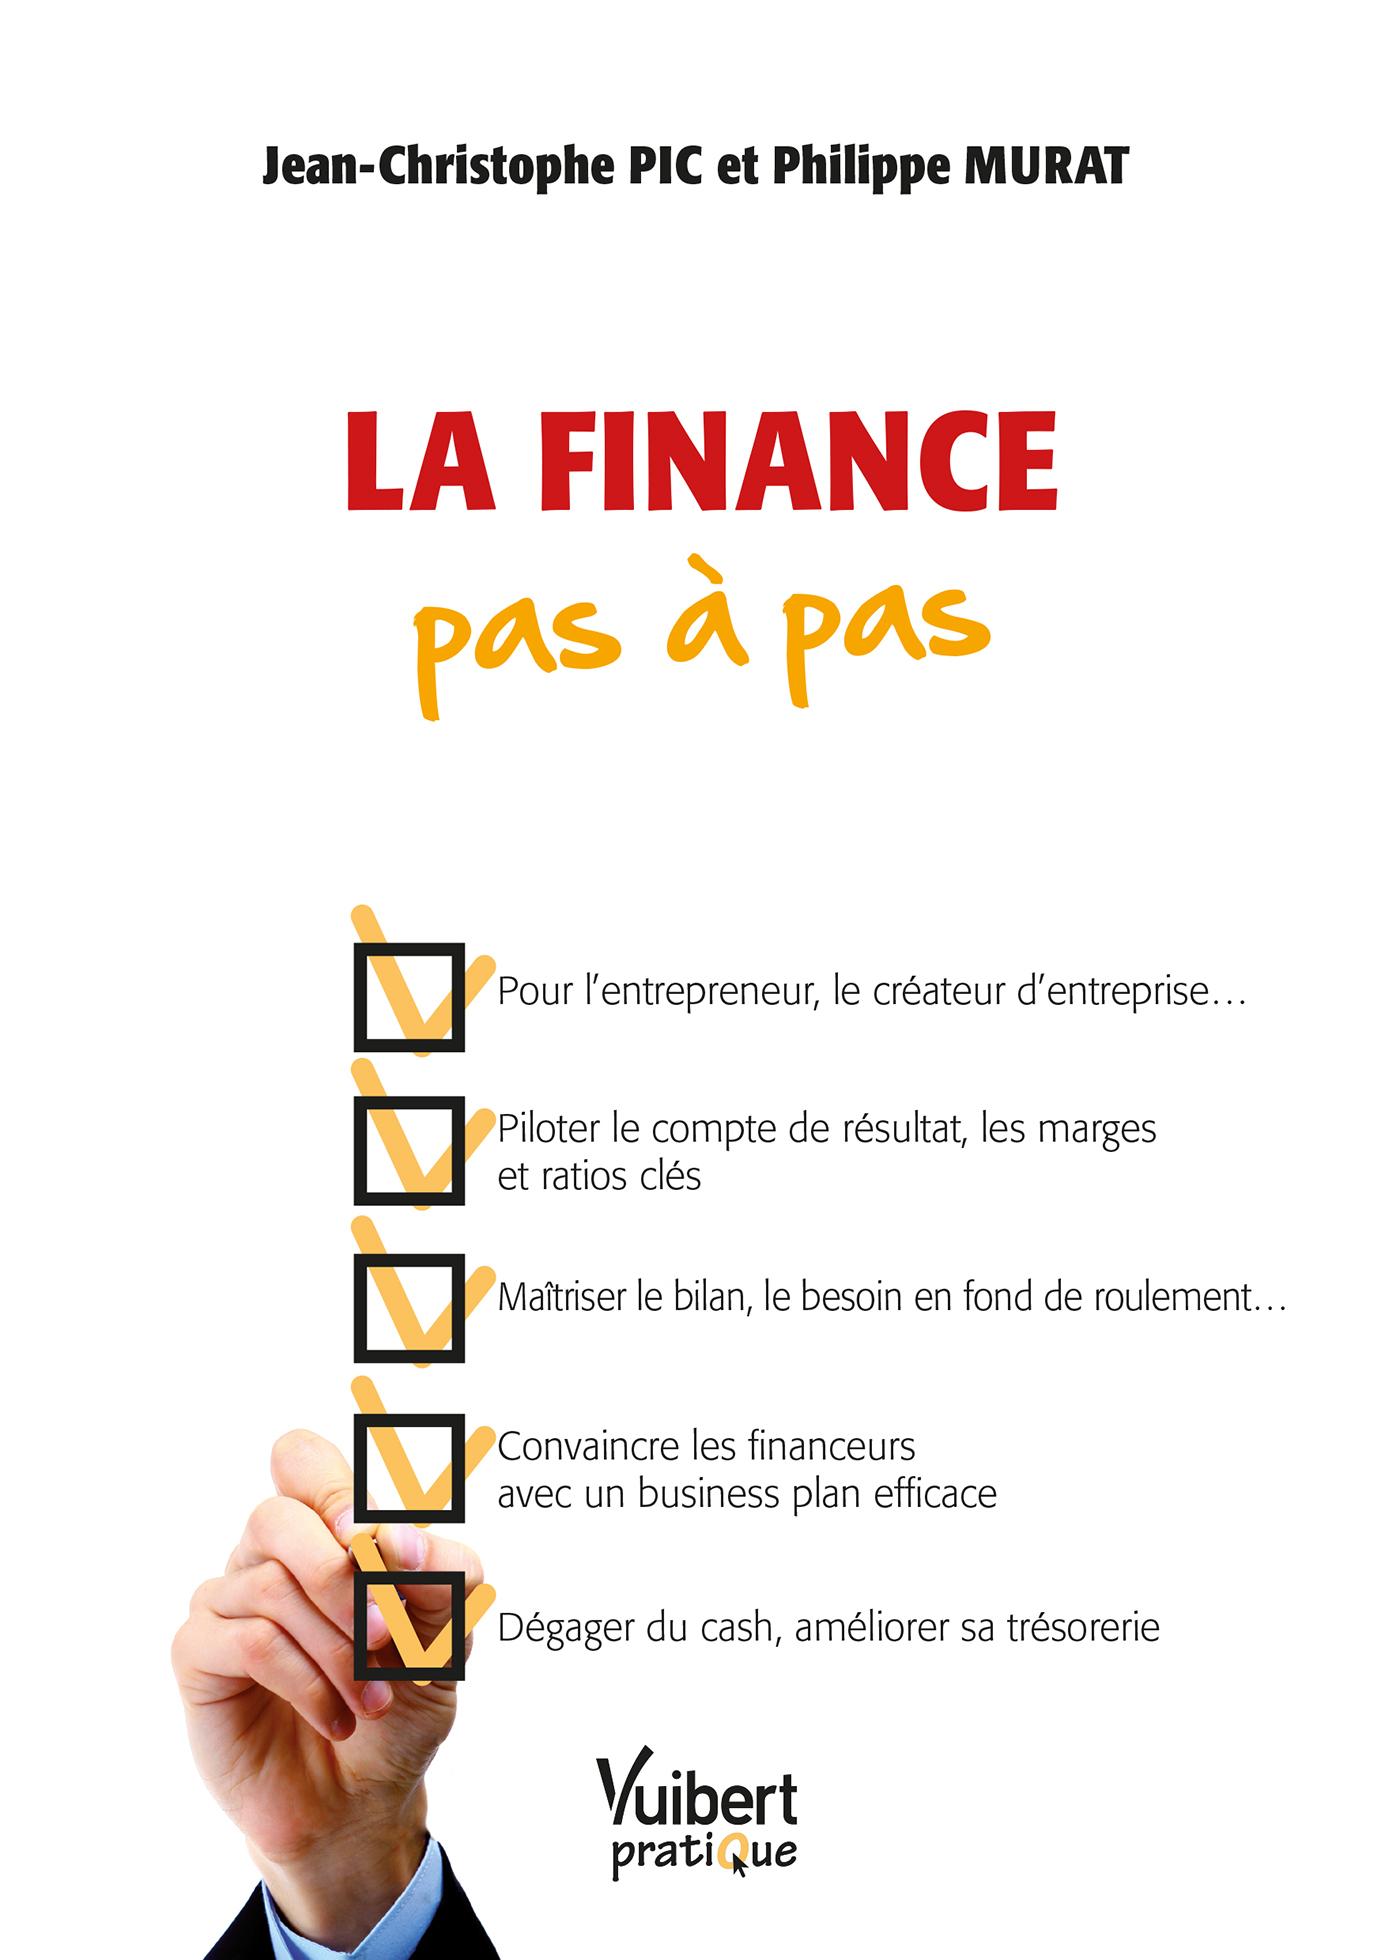 FINANCE PAS A PAS (LA)